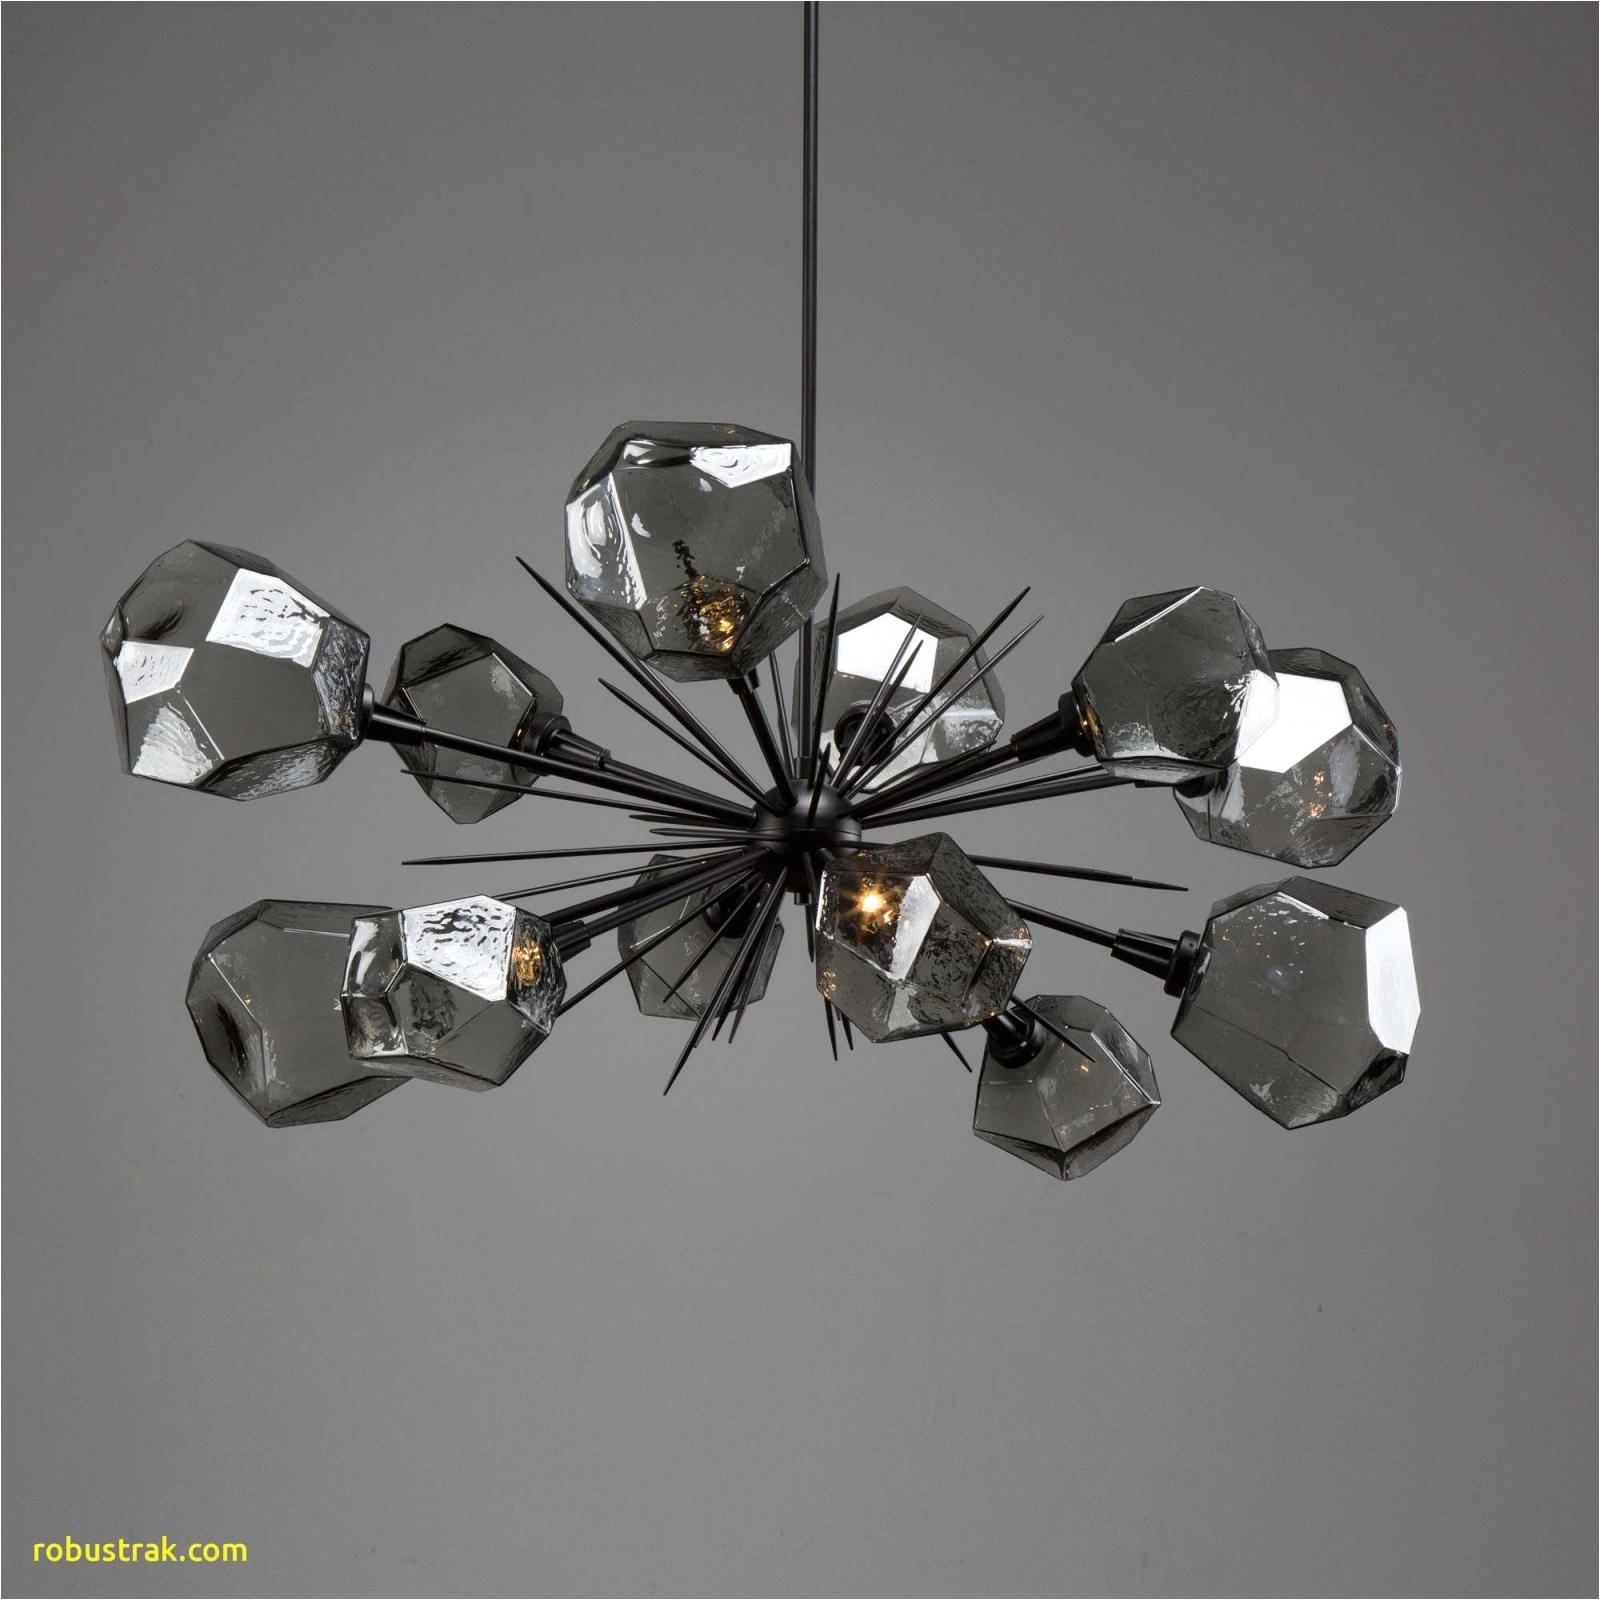 gem oval starburst chandelier plb0039 0d gem oval starburst chandelier plb0039 0d from modern ceiling lights